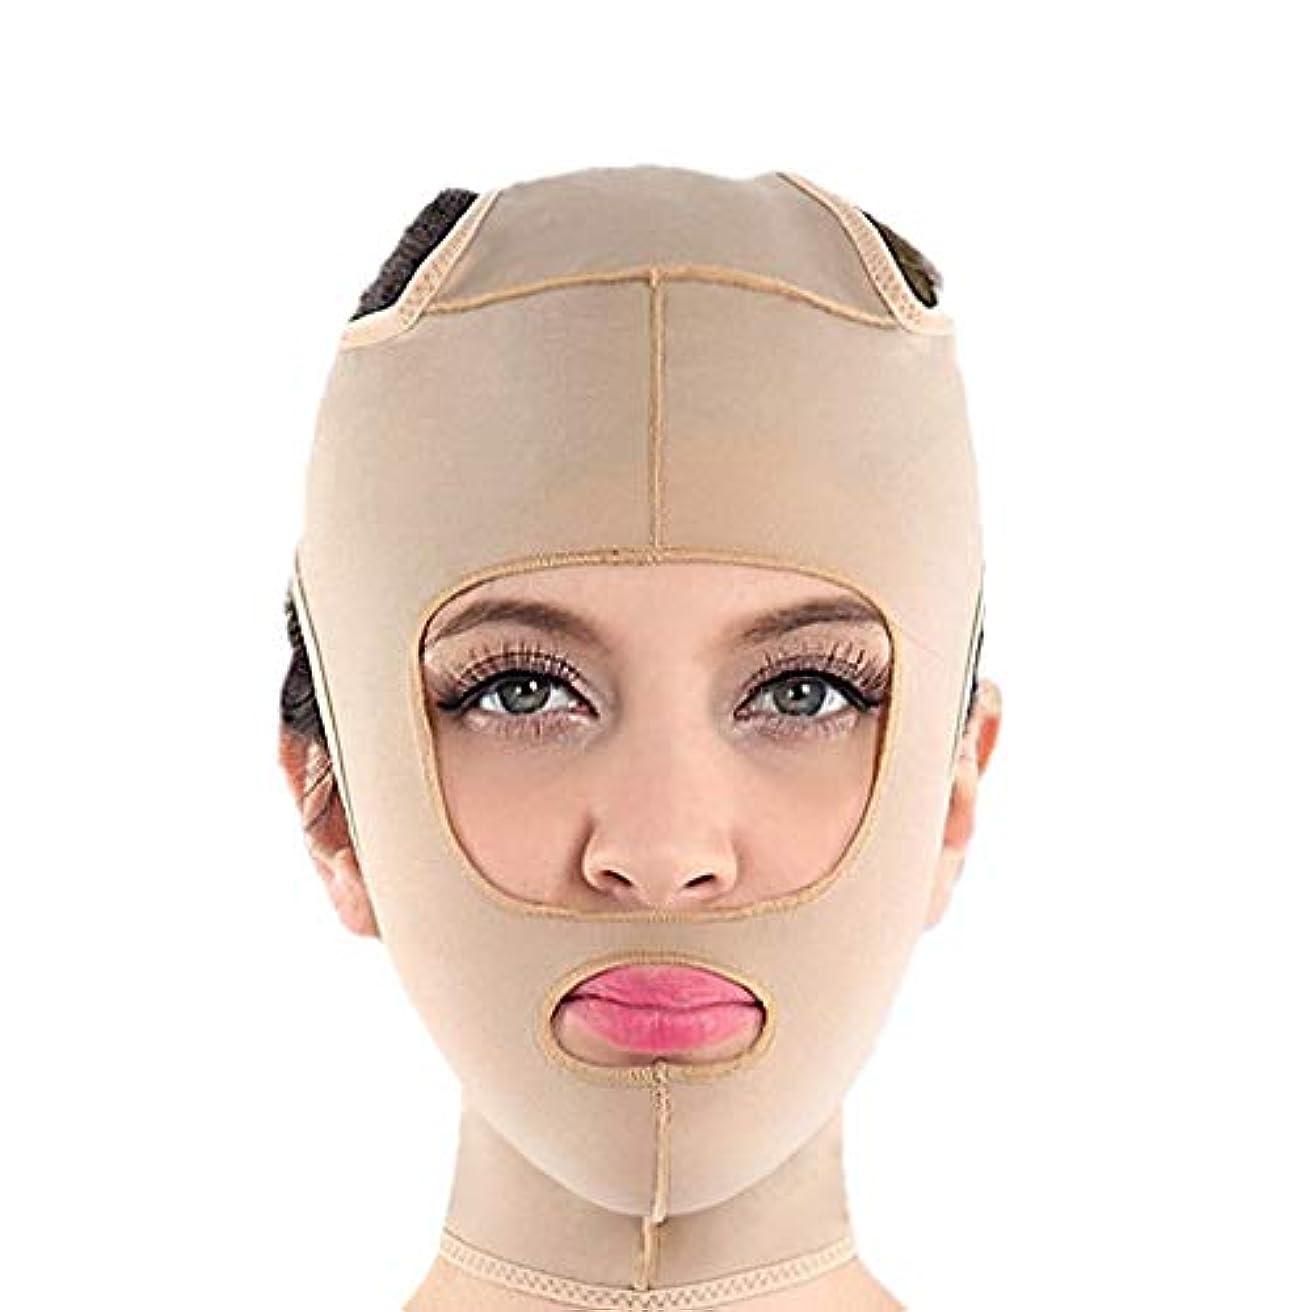 放送カジュアルカタログフェイスリフティング、ダブルチンストラップ、フェイシャル減量マスク、ダブルチンを減らすリフティングヌードル、ファーミングフェイス、パワフルリフティングマスク(サイズ:M),S